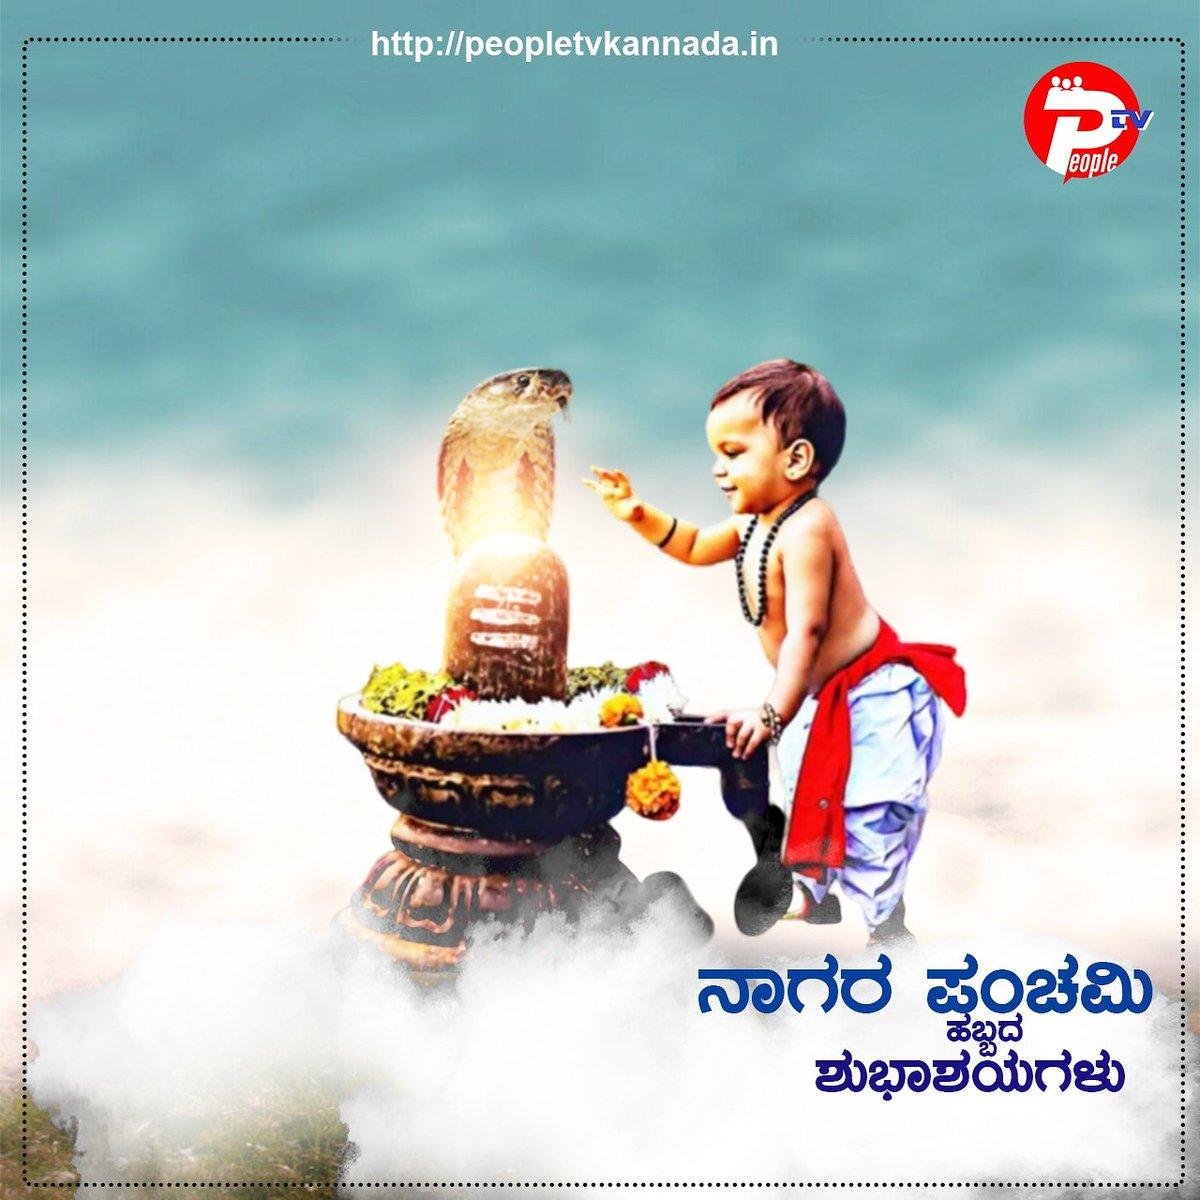 ನಾಗ ಪಂಚಮಿಯು ಭಾರತದ ಹಲವಾರು ಭಾಗಗಳಲ್ಲಿ ಹಿಂದೂಗಳು ಆಚರಿಸುವ ಒಂದು ಹಬ್ಬ ನಾಗರ ಪಂಚಮಿ ಹಬ್ಬದ ಶುಭಾಶಯಗಳು #Karnataka  #PeopletvKannada #peopletvLive #peopletv #KannadaNewsChannel #LatestNews #LatestKannadaNews #Kannada #Newspic.twitter.com/6IKEg0KvWU